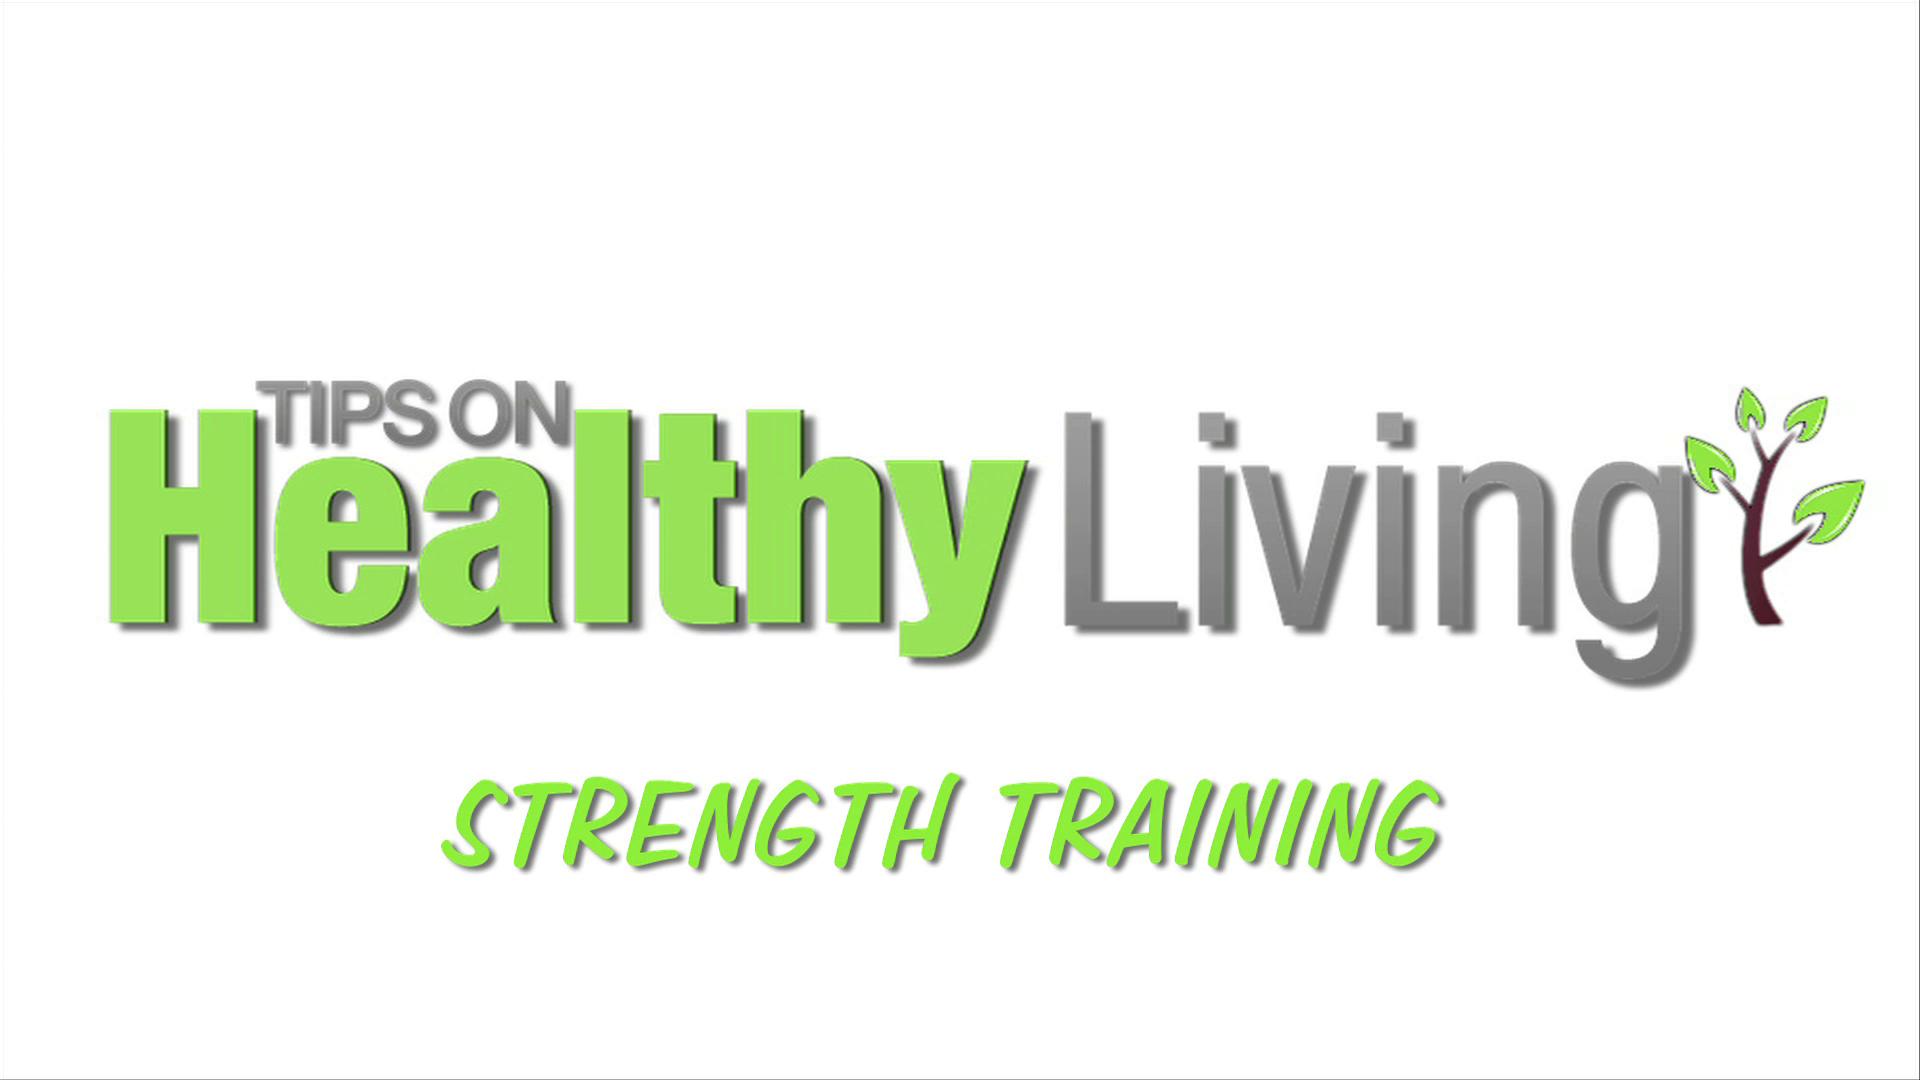 Strength Training with Pete Cerqua